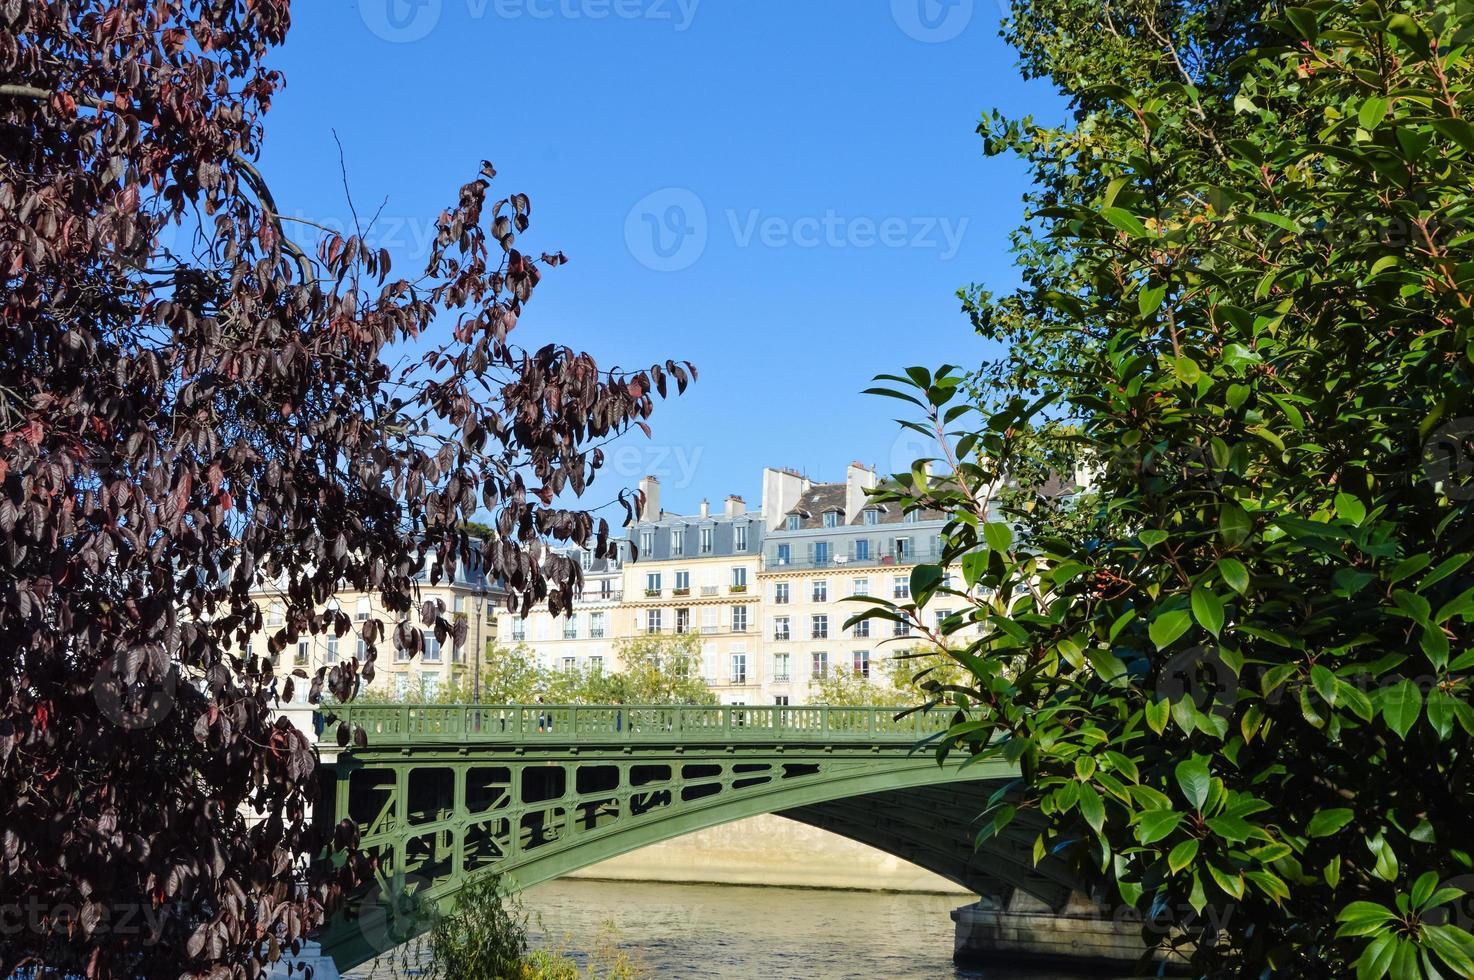 Siene River à Paris avec des bateaux Doacking photo